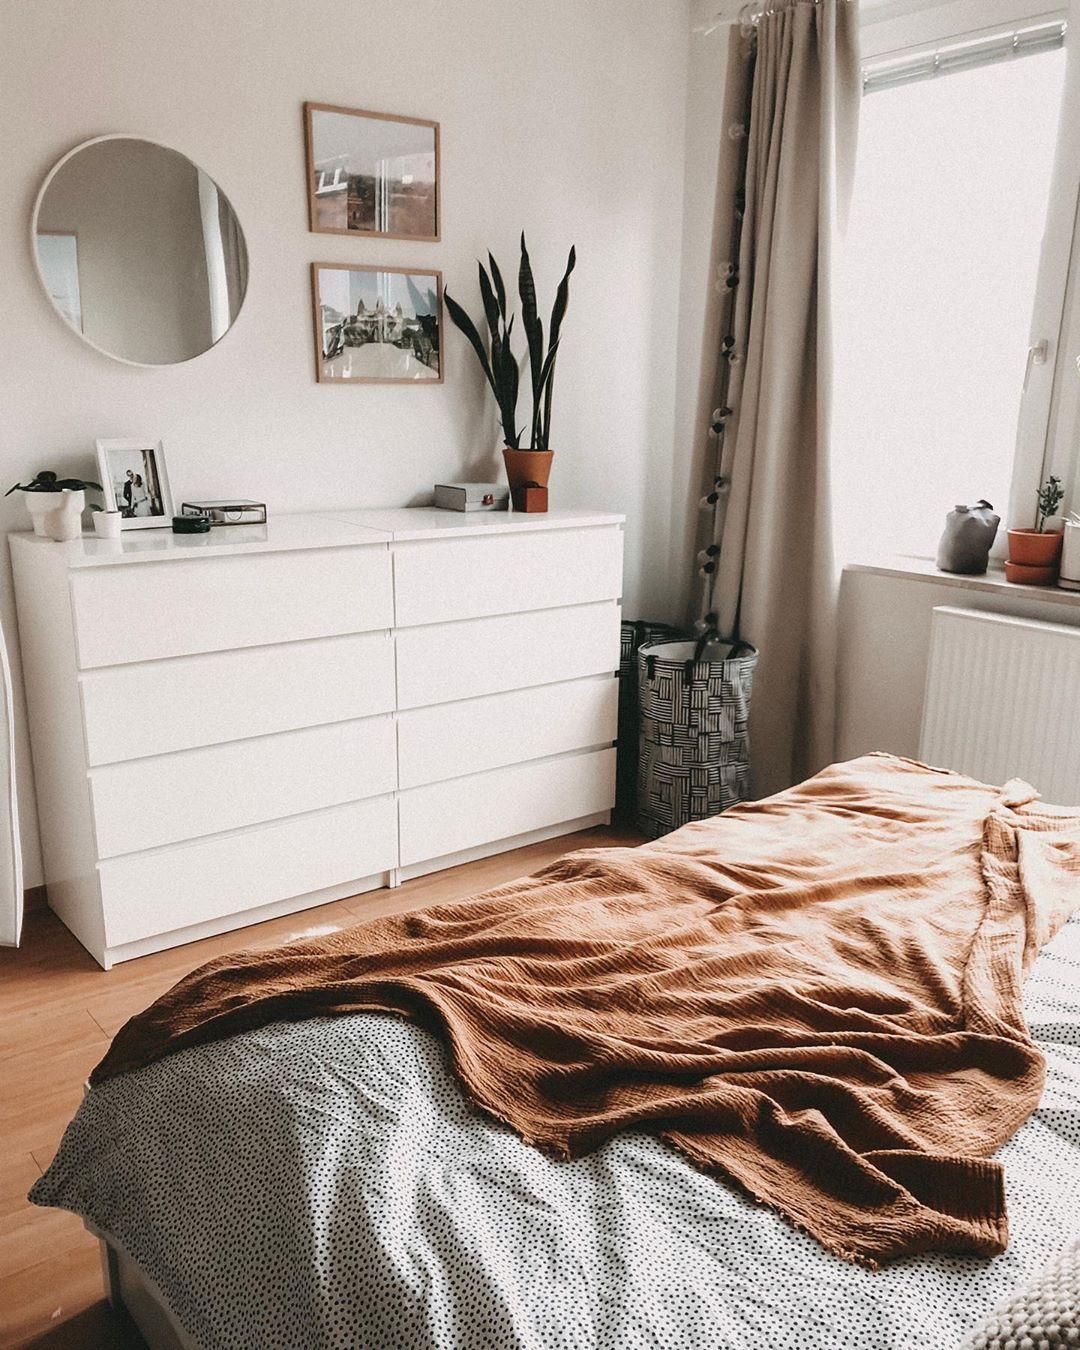 Spiegel Schlafzimmer Ikea